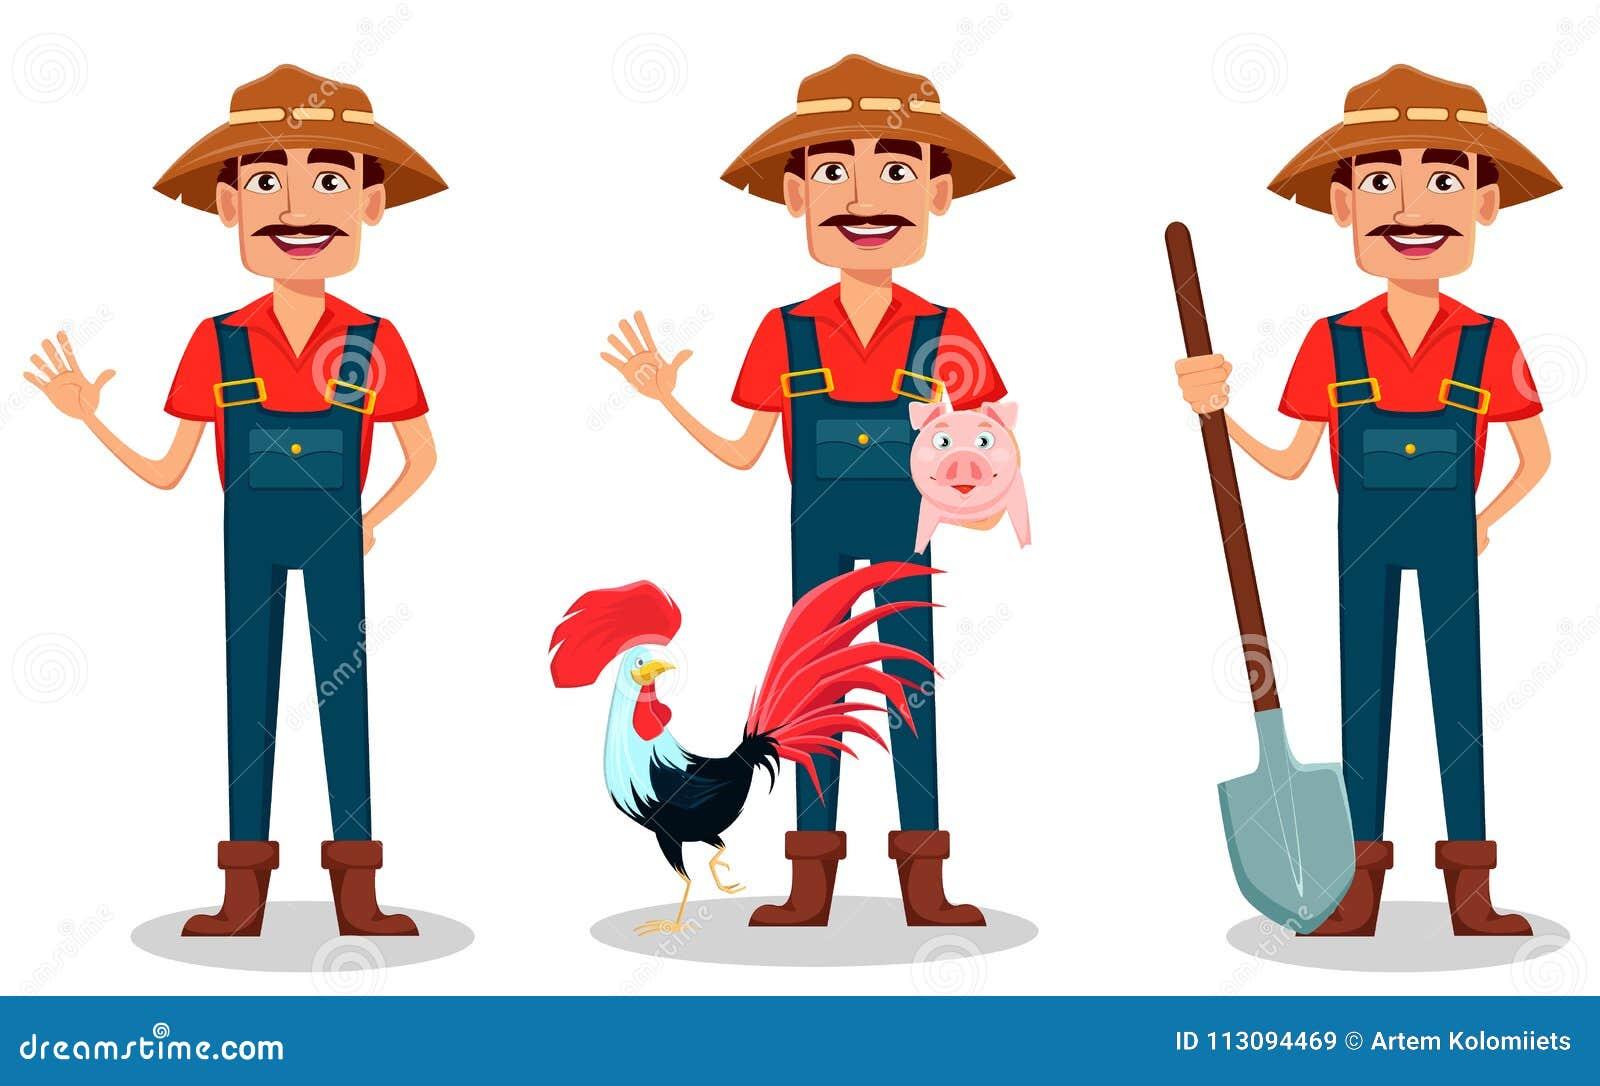 Juego de caracteres de la historieta del granjero El jardinero alegre agita la mano, se coloca con los animales del campo y los c